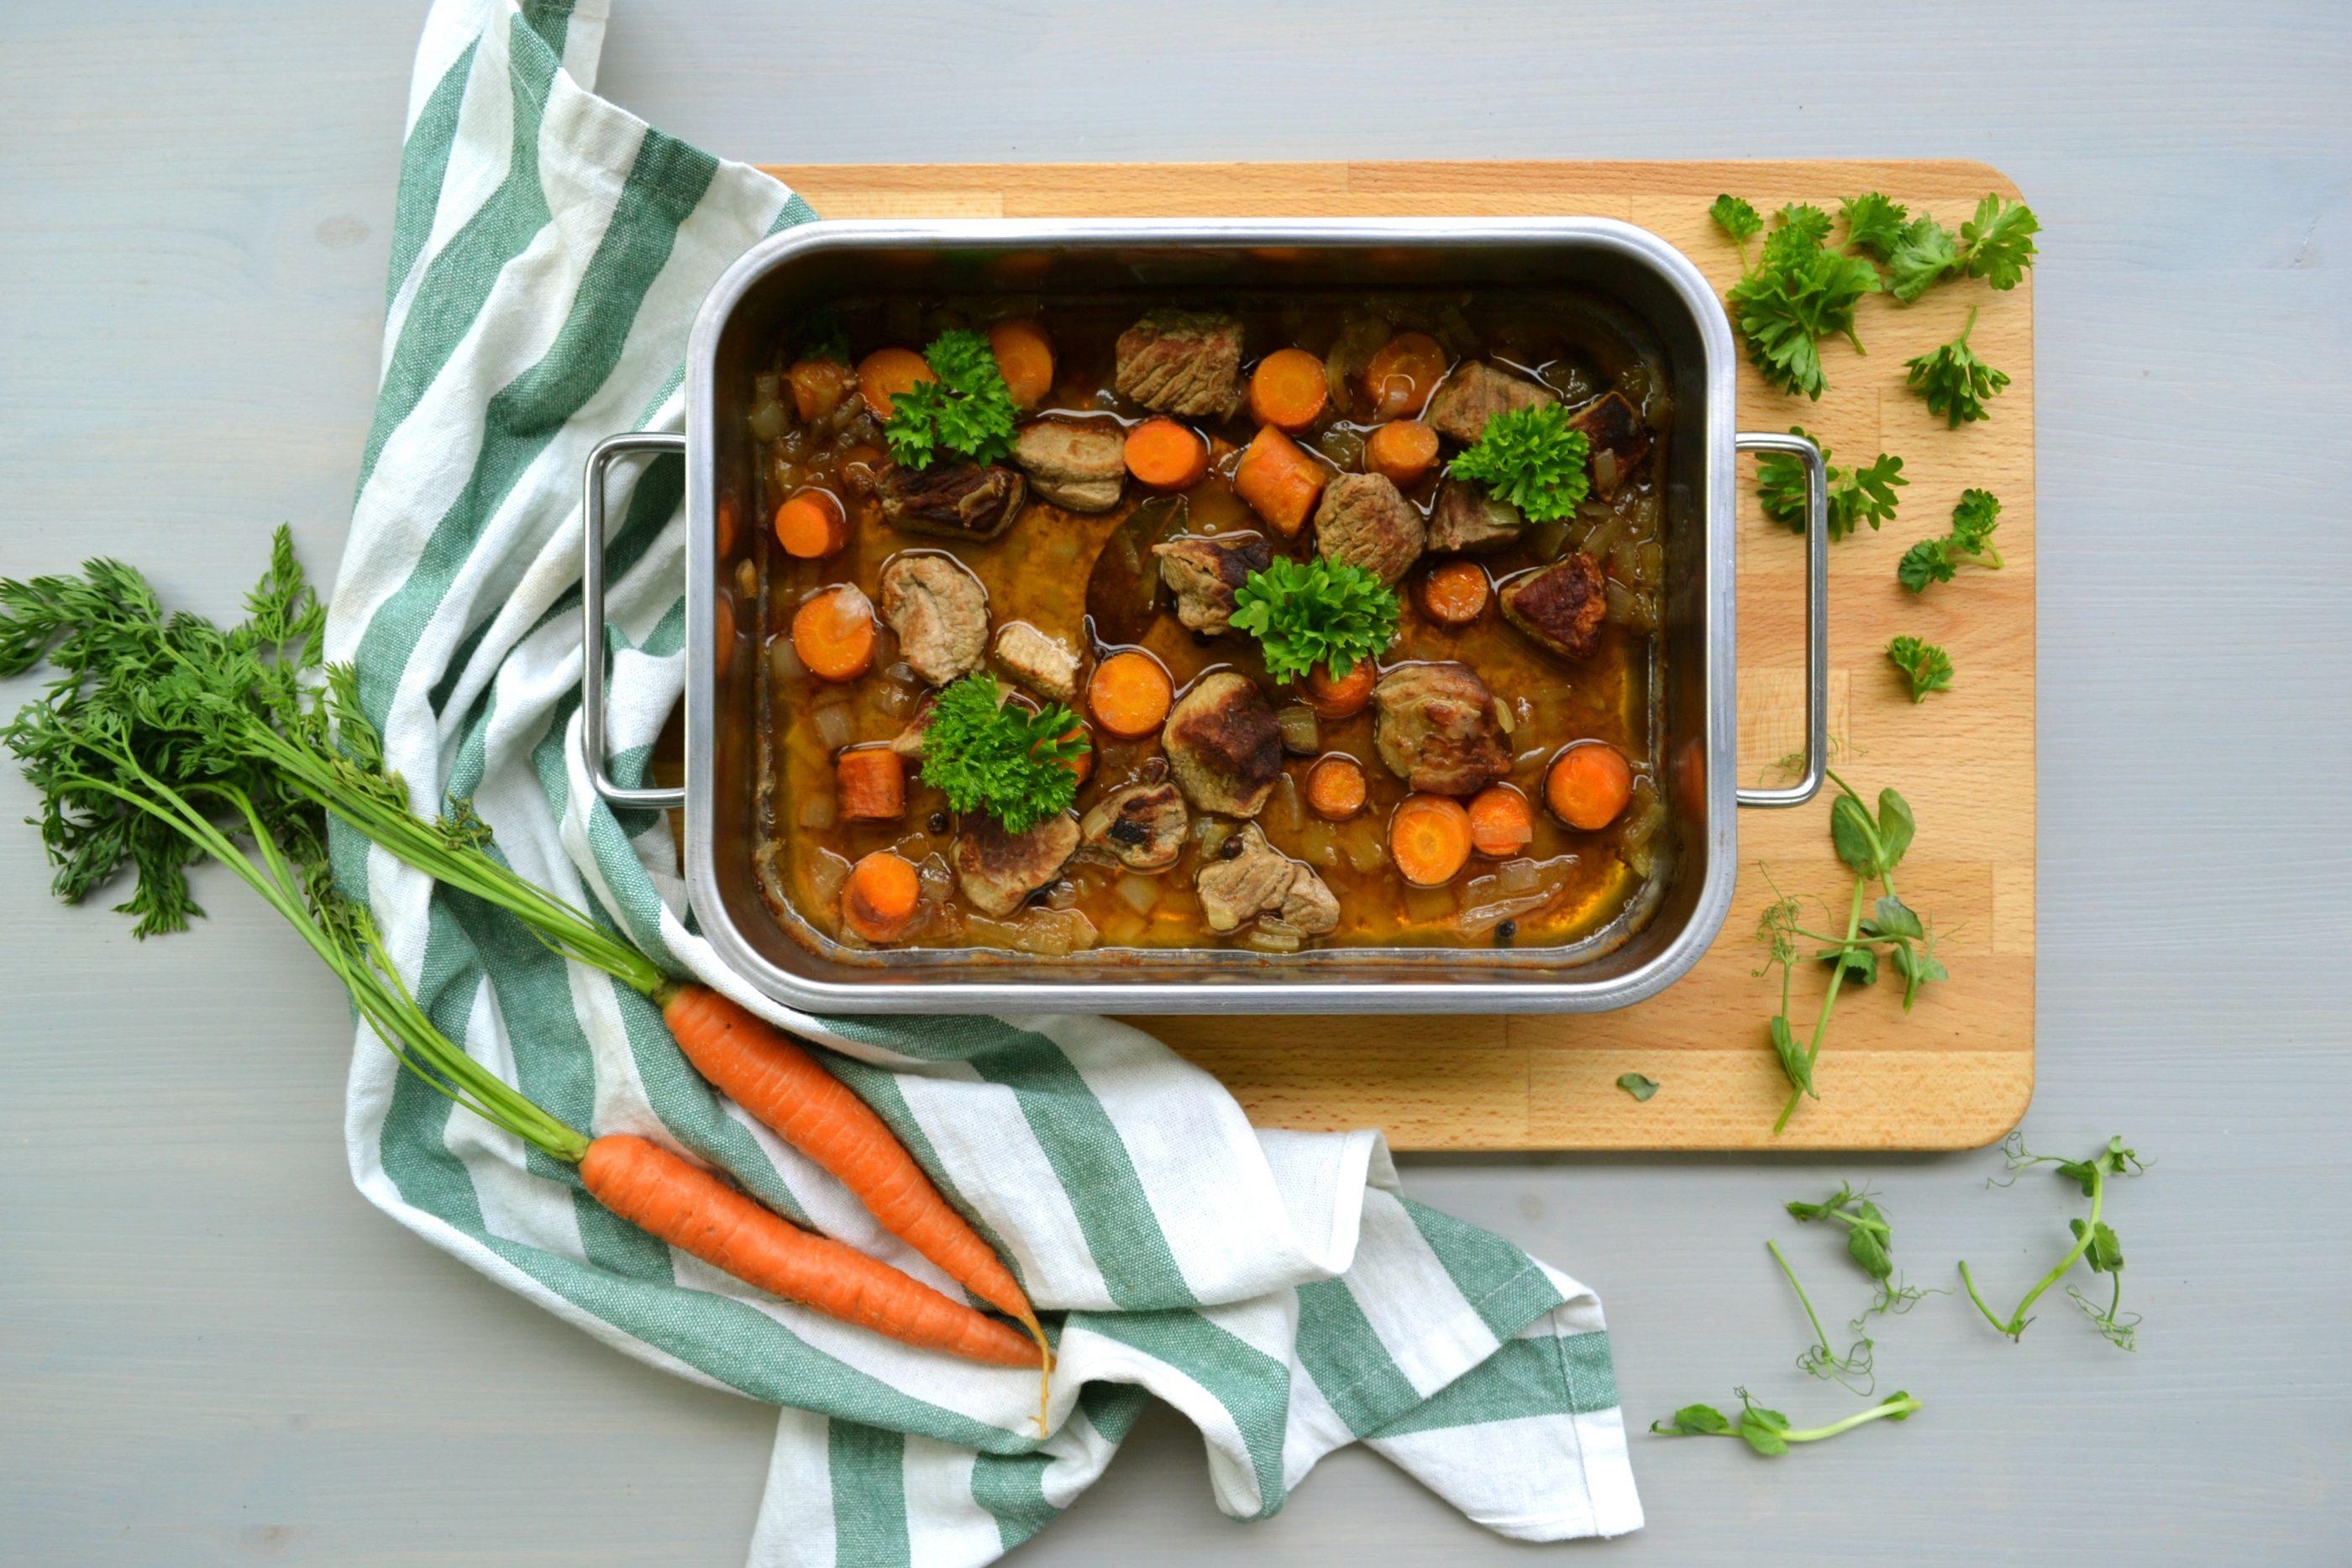 Recept på karelsk stek + 7 andra gryträtter från världens kök